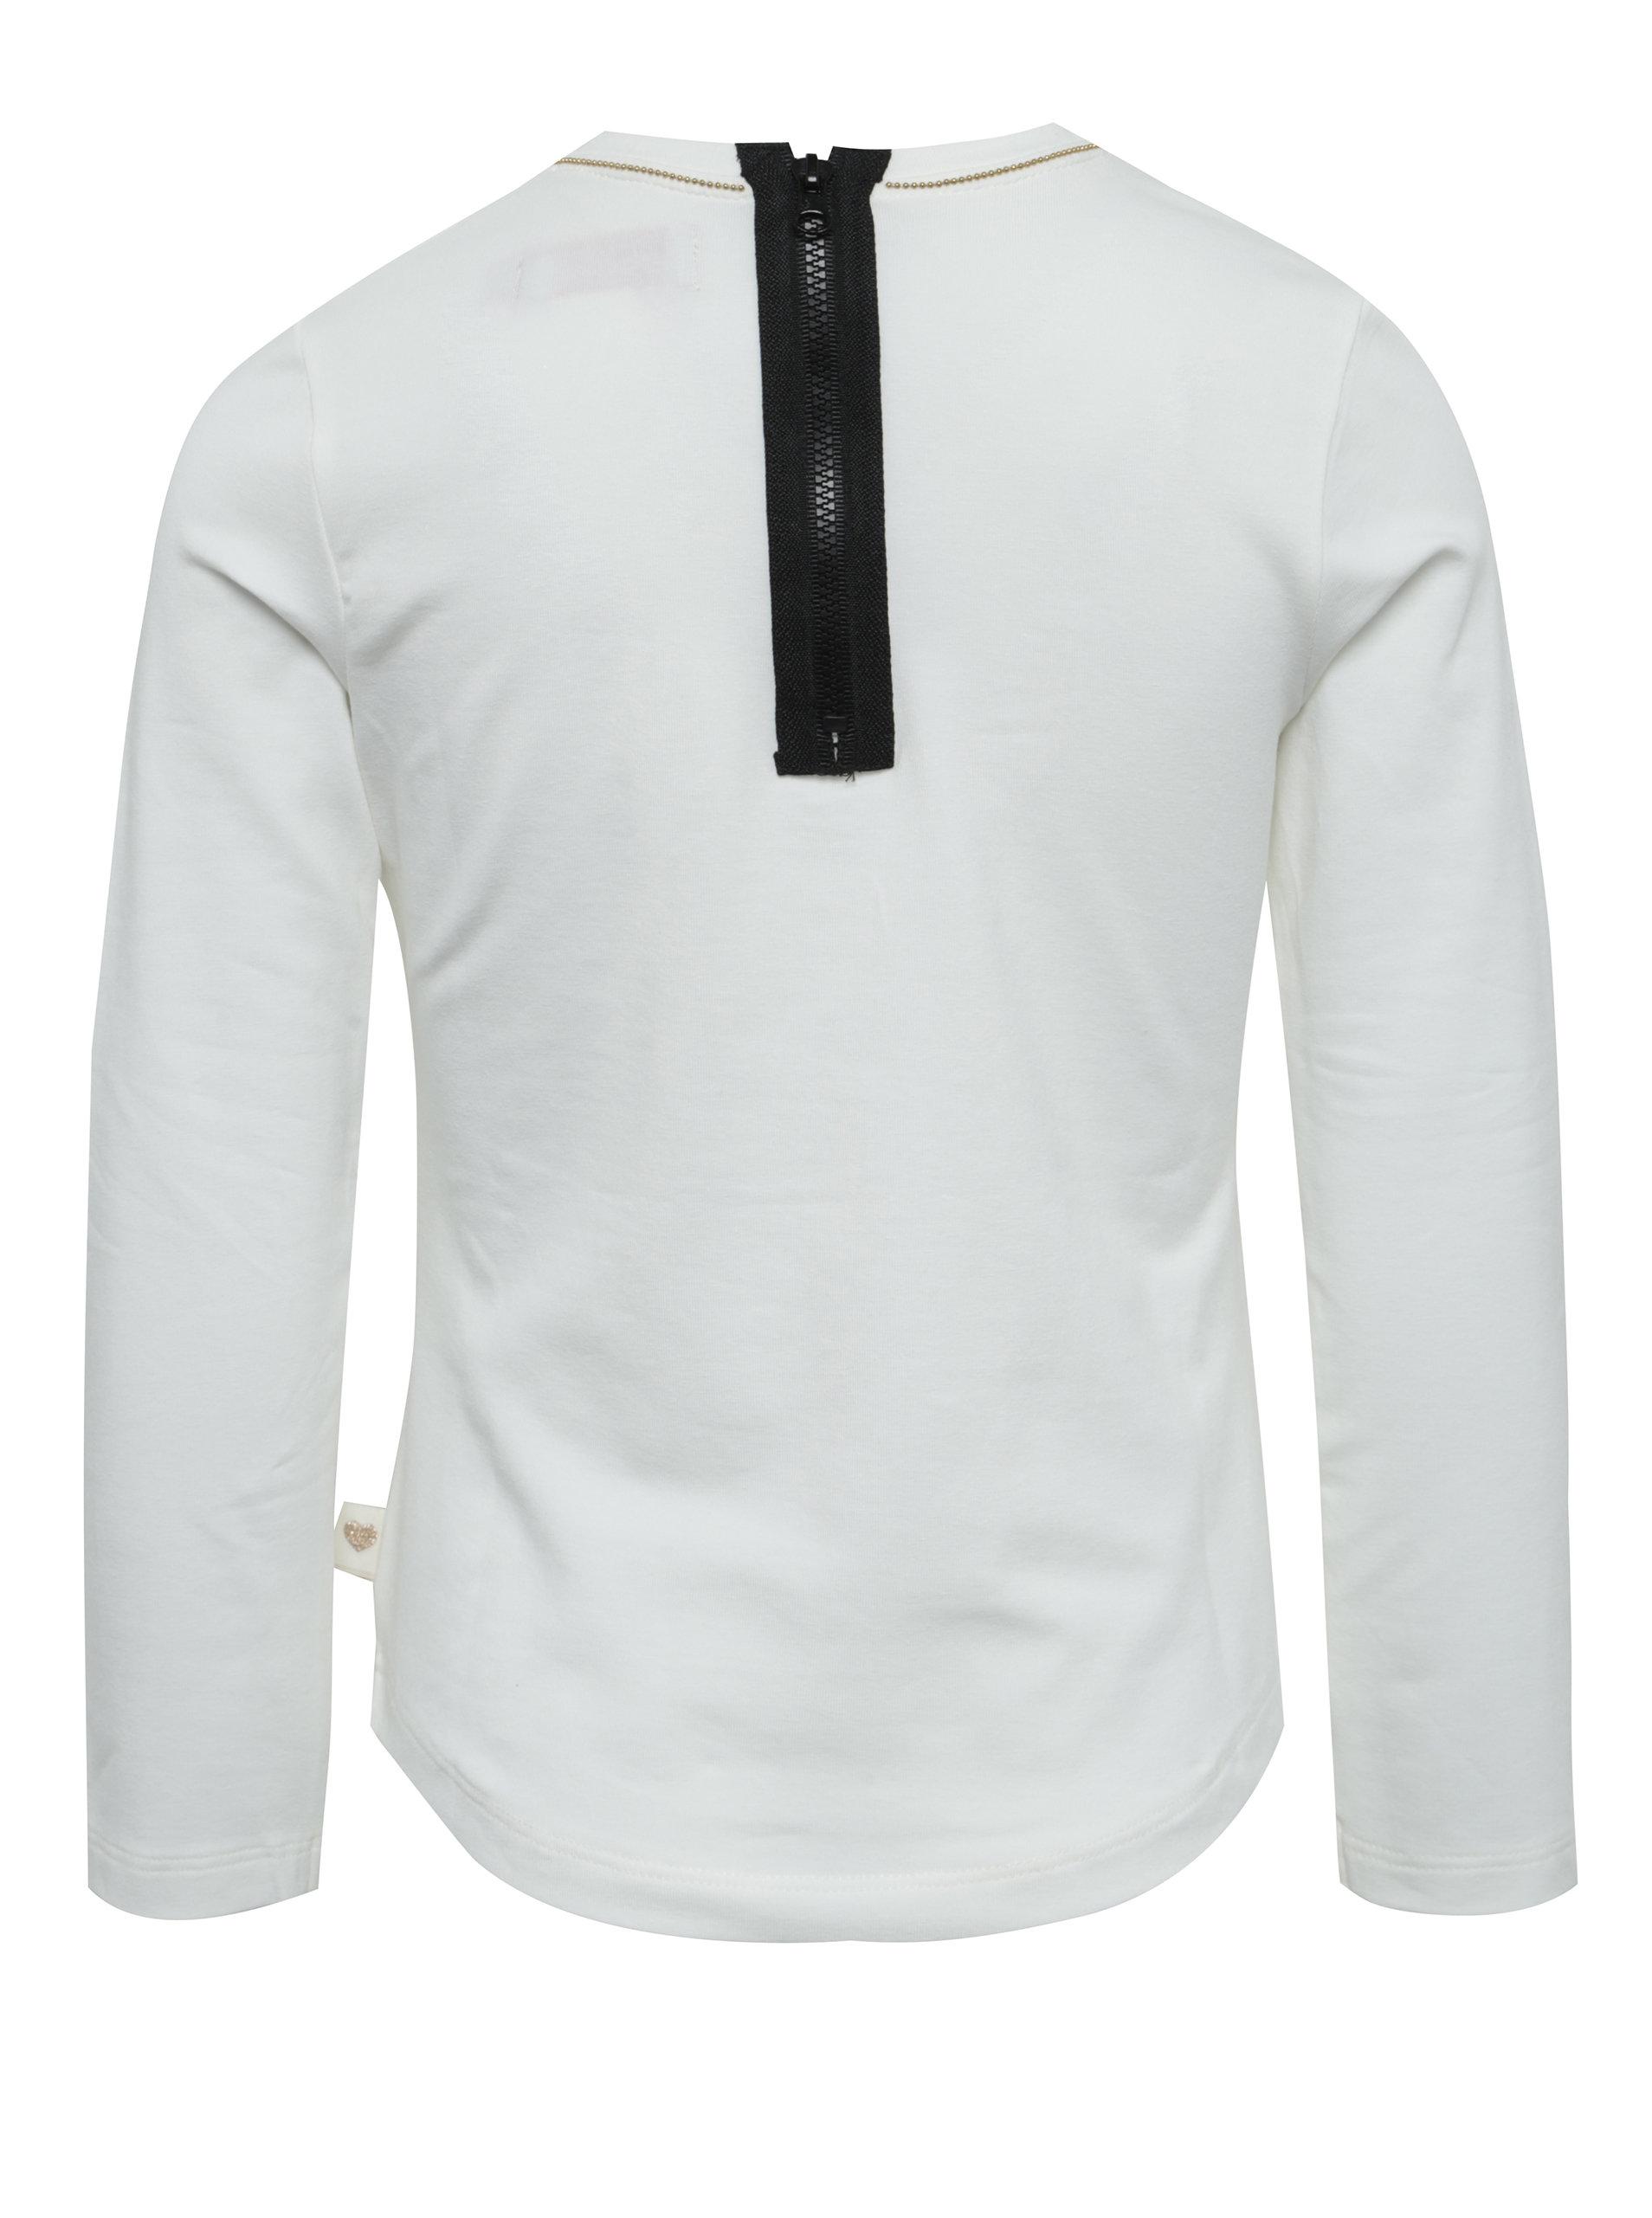 cbe00c735158 Krémové dievčenské tričko s potlačou a zipsom na chrbte BÓBOLI ...